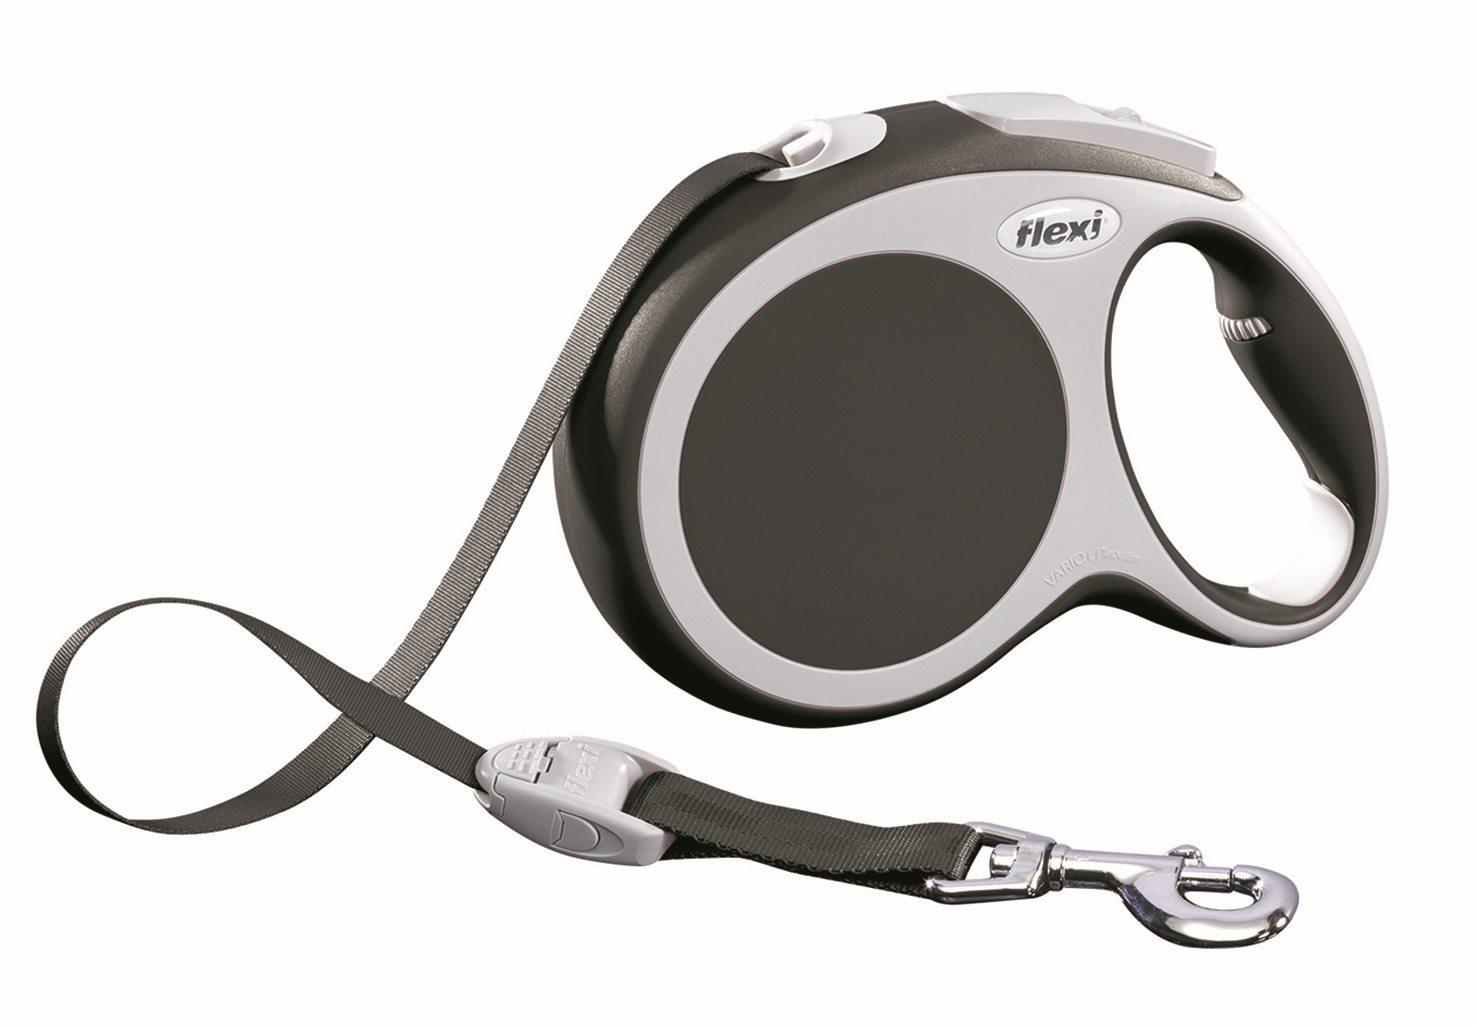 Поводок-рулетка Flexi Vario Compact L для собак до 50 кг, цвет: серый, 8 м91379Поводок-рулетка Flexi Vario Compact L изготовлен из пластика и нейлона.Подходит для собак весом до 50 кг. Ленточный поводок обеспечивает каждойсобаке свободу движения, что идет на пользу здоровью и радует вашегочетвероногого друга.Рулетка очень проста в использовании. Она оснащена кнопками кратковременнойи постоянной фиксации. Ее можно оснастить мультибоксом для лакомств илипакетиков для сбора фекалий, LED подсветкой корпуса, своркой или ремнем с LEDподсветкой. Поводок имеет прочный корпус, хромированную застежку исветоотражающие элементы. Длина поводка: 8 м.Максимальная нагрузка: 50 кг.Товар сертифицирован.